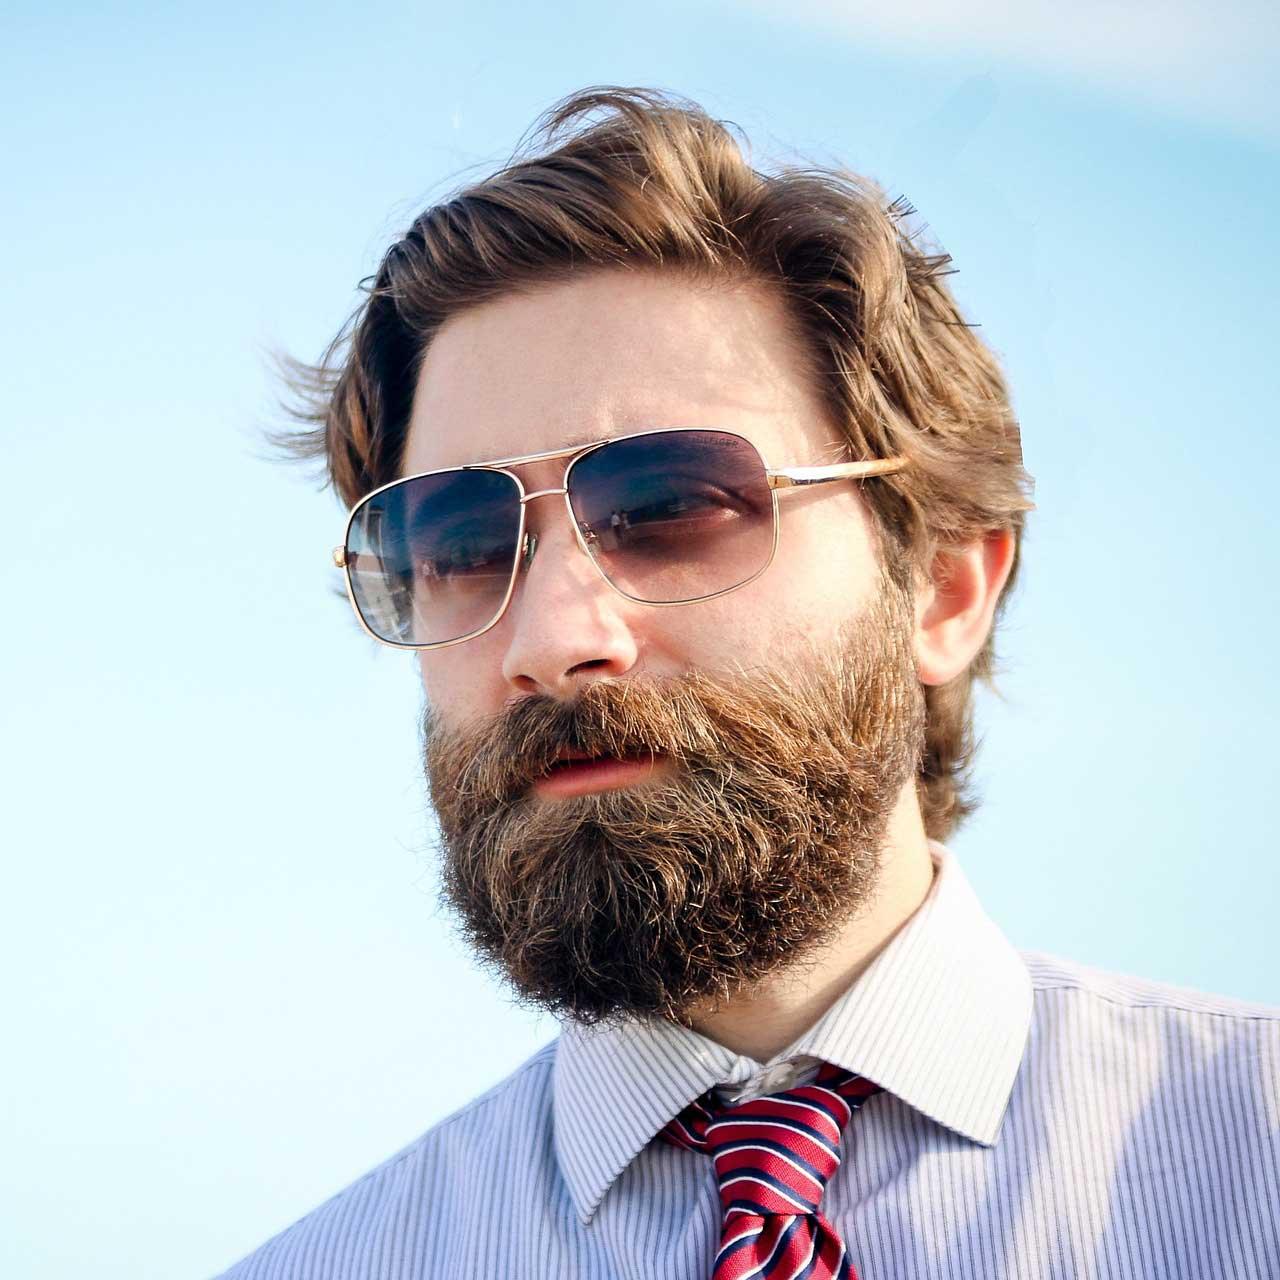 A szakáll is karbantartást igényel